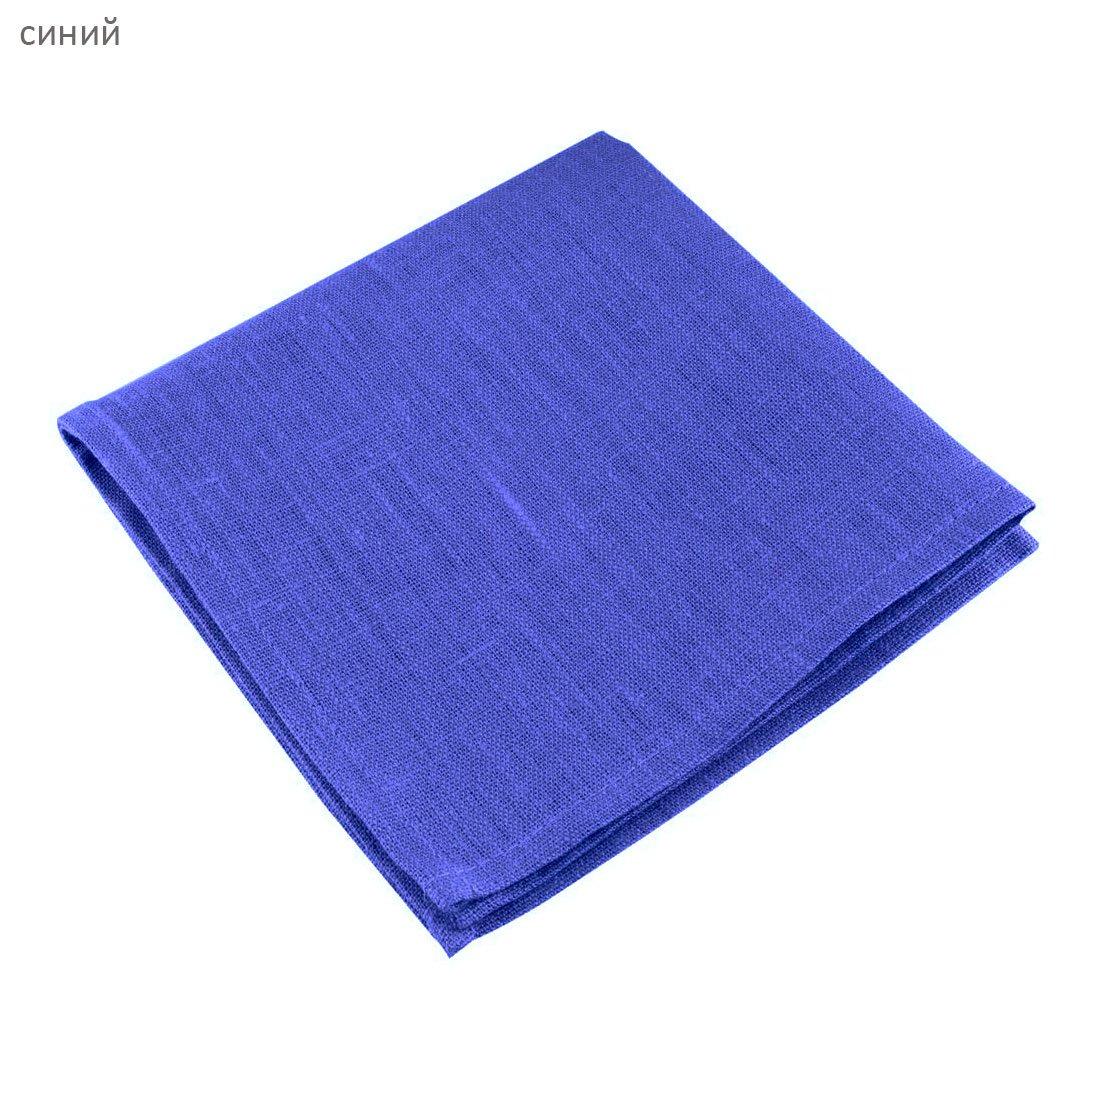 Салфетка льняная однотонная 12C309 синий